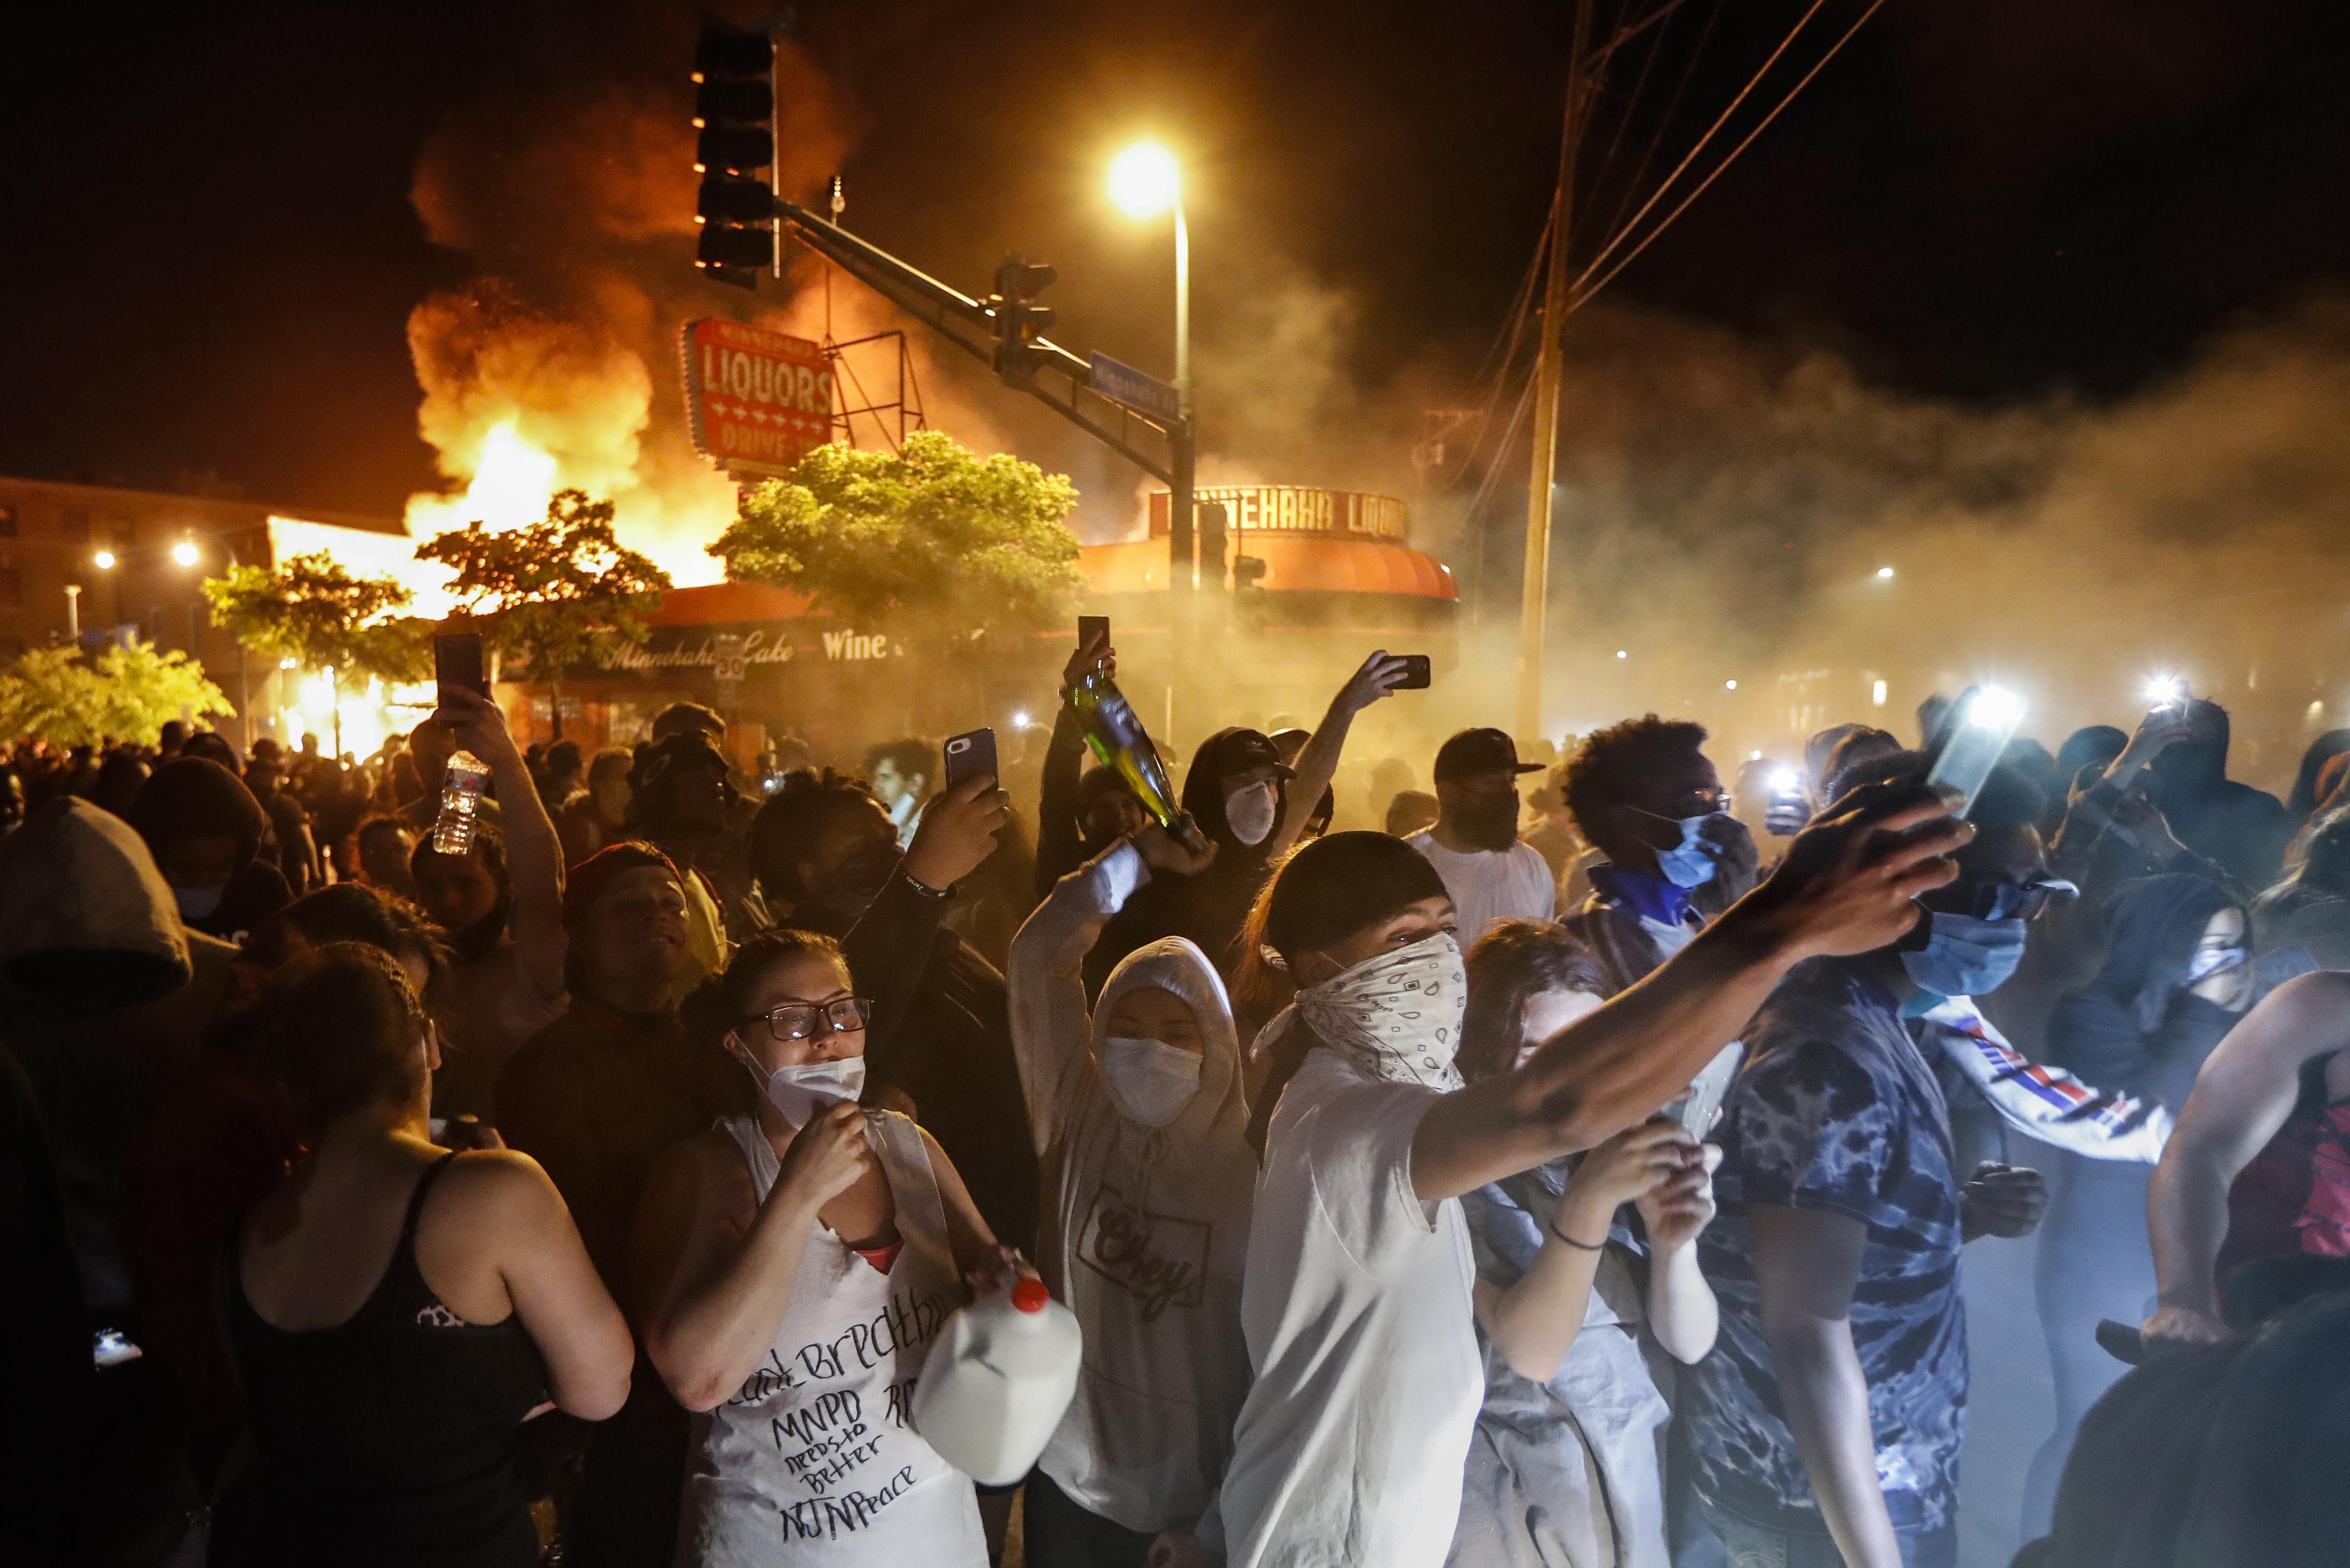 Manifestantes fuera de una tienda de licores en llamas en Minneapolis por la muerte de George Floyd (Foto AP/John Minchillo)